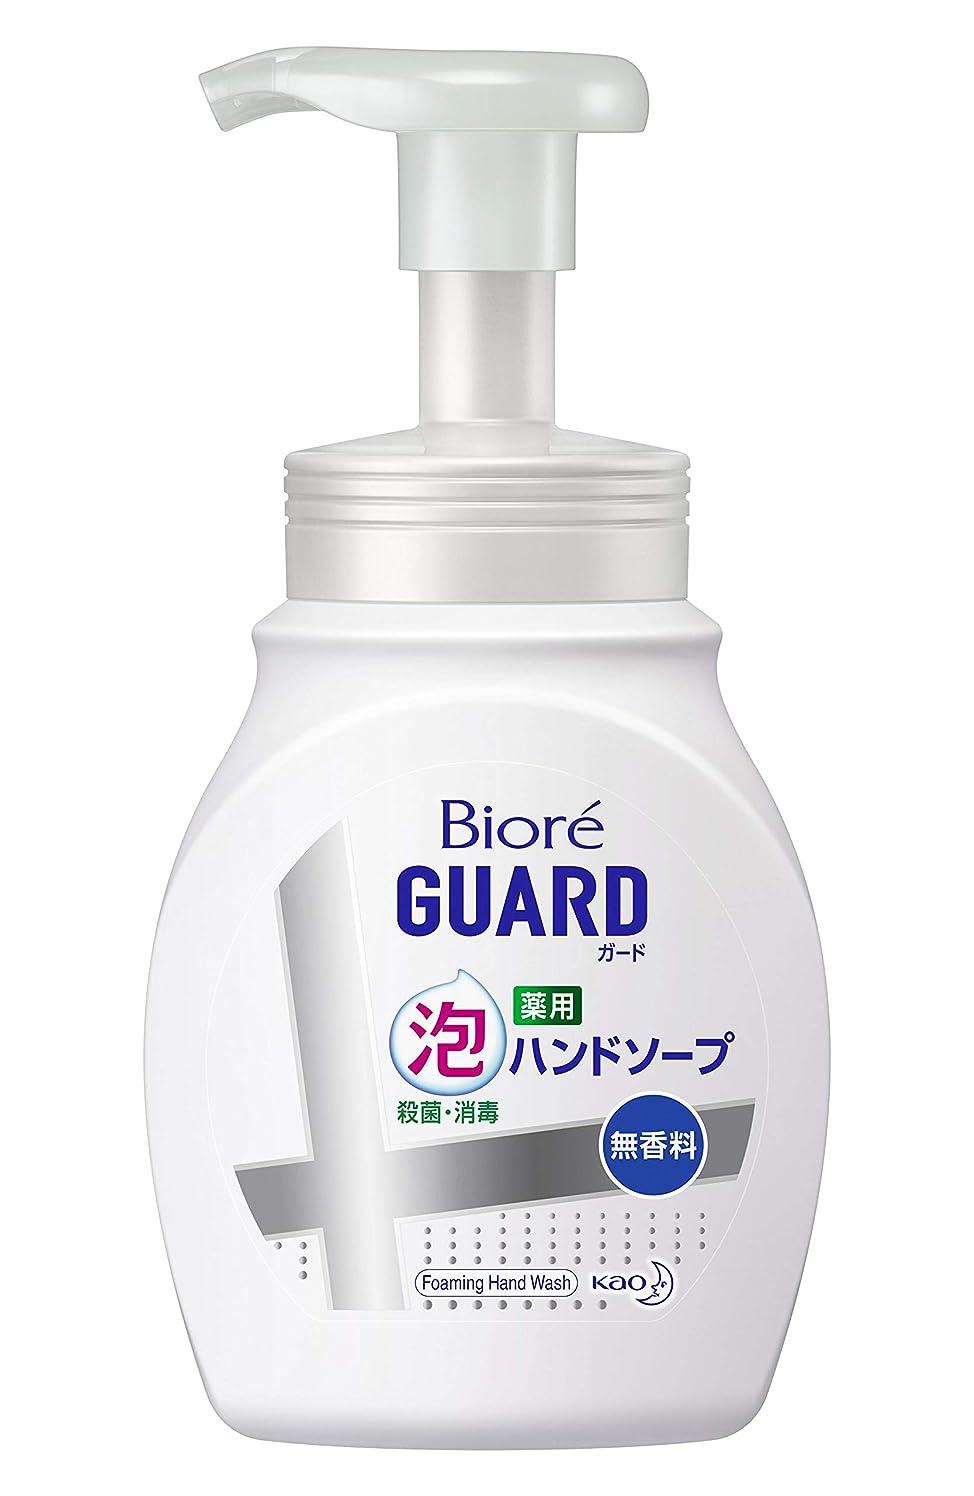 バラバラにするトライアスロン謝るビオレガード薬用泡ハンドソープ 無香料 ポンプ 250ml